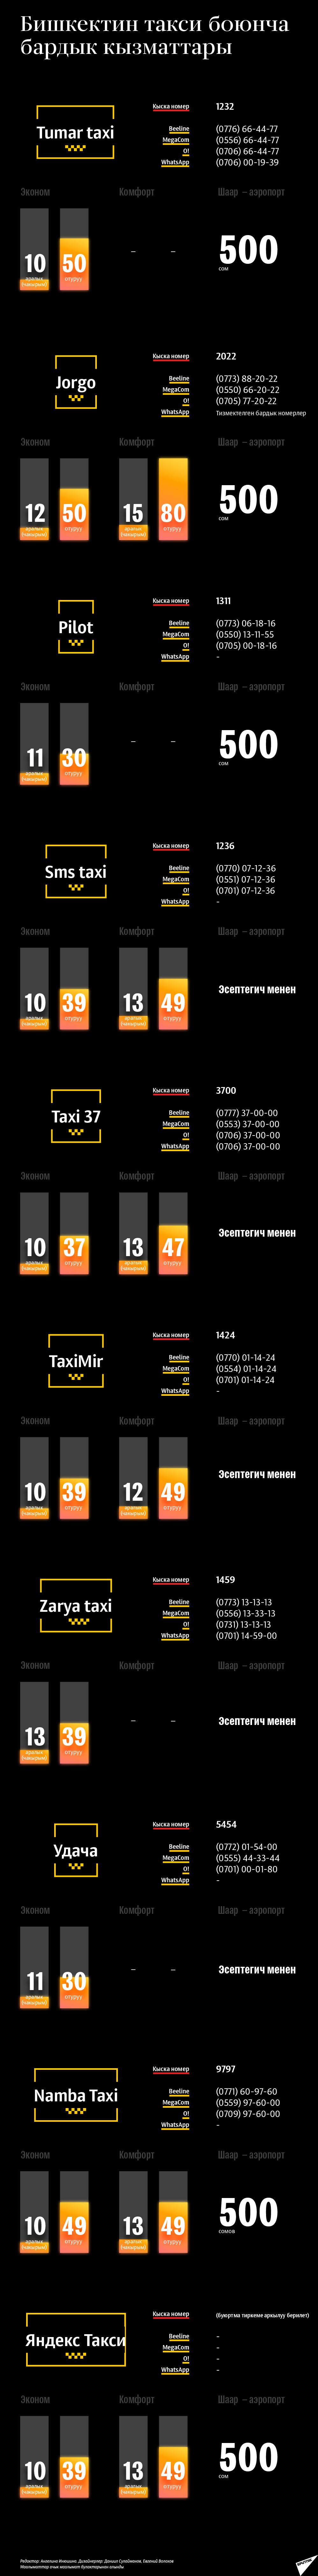 Бишкектин такси боюнча бардык кызматтары